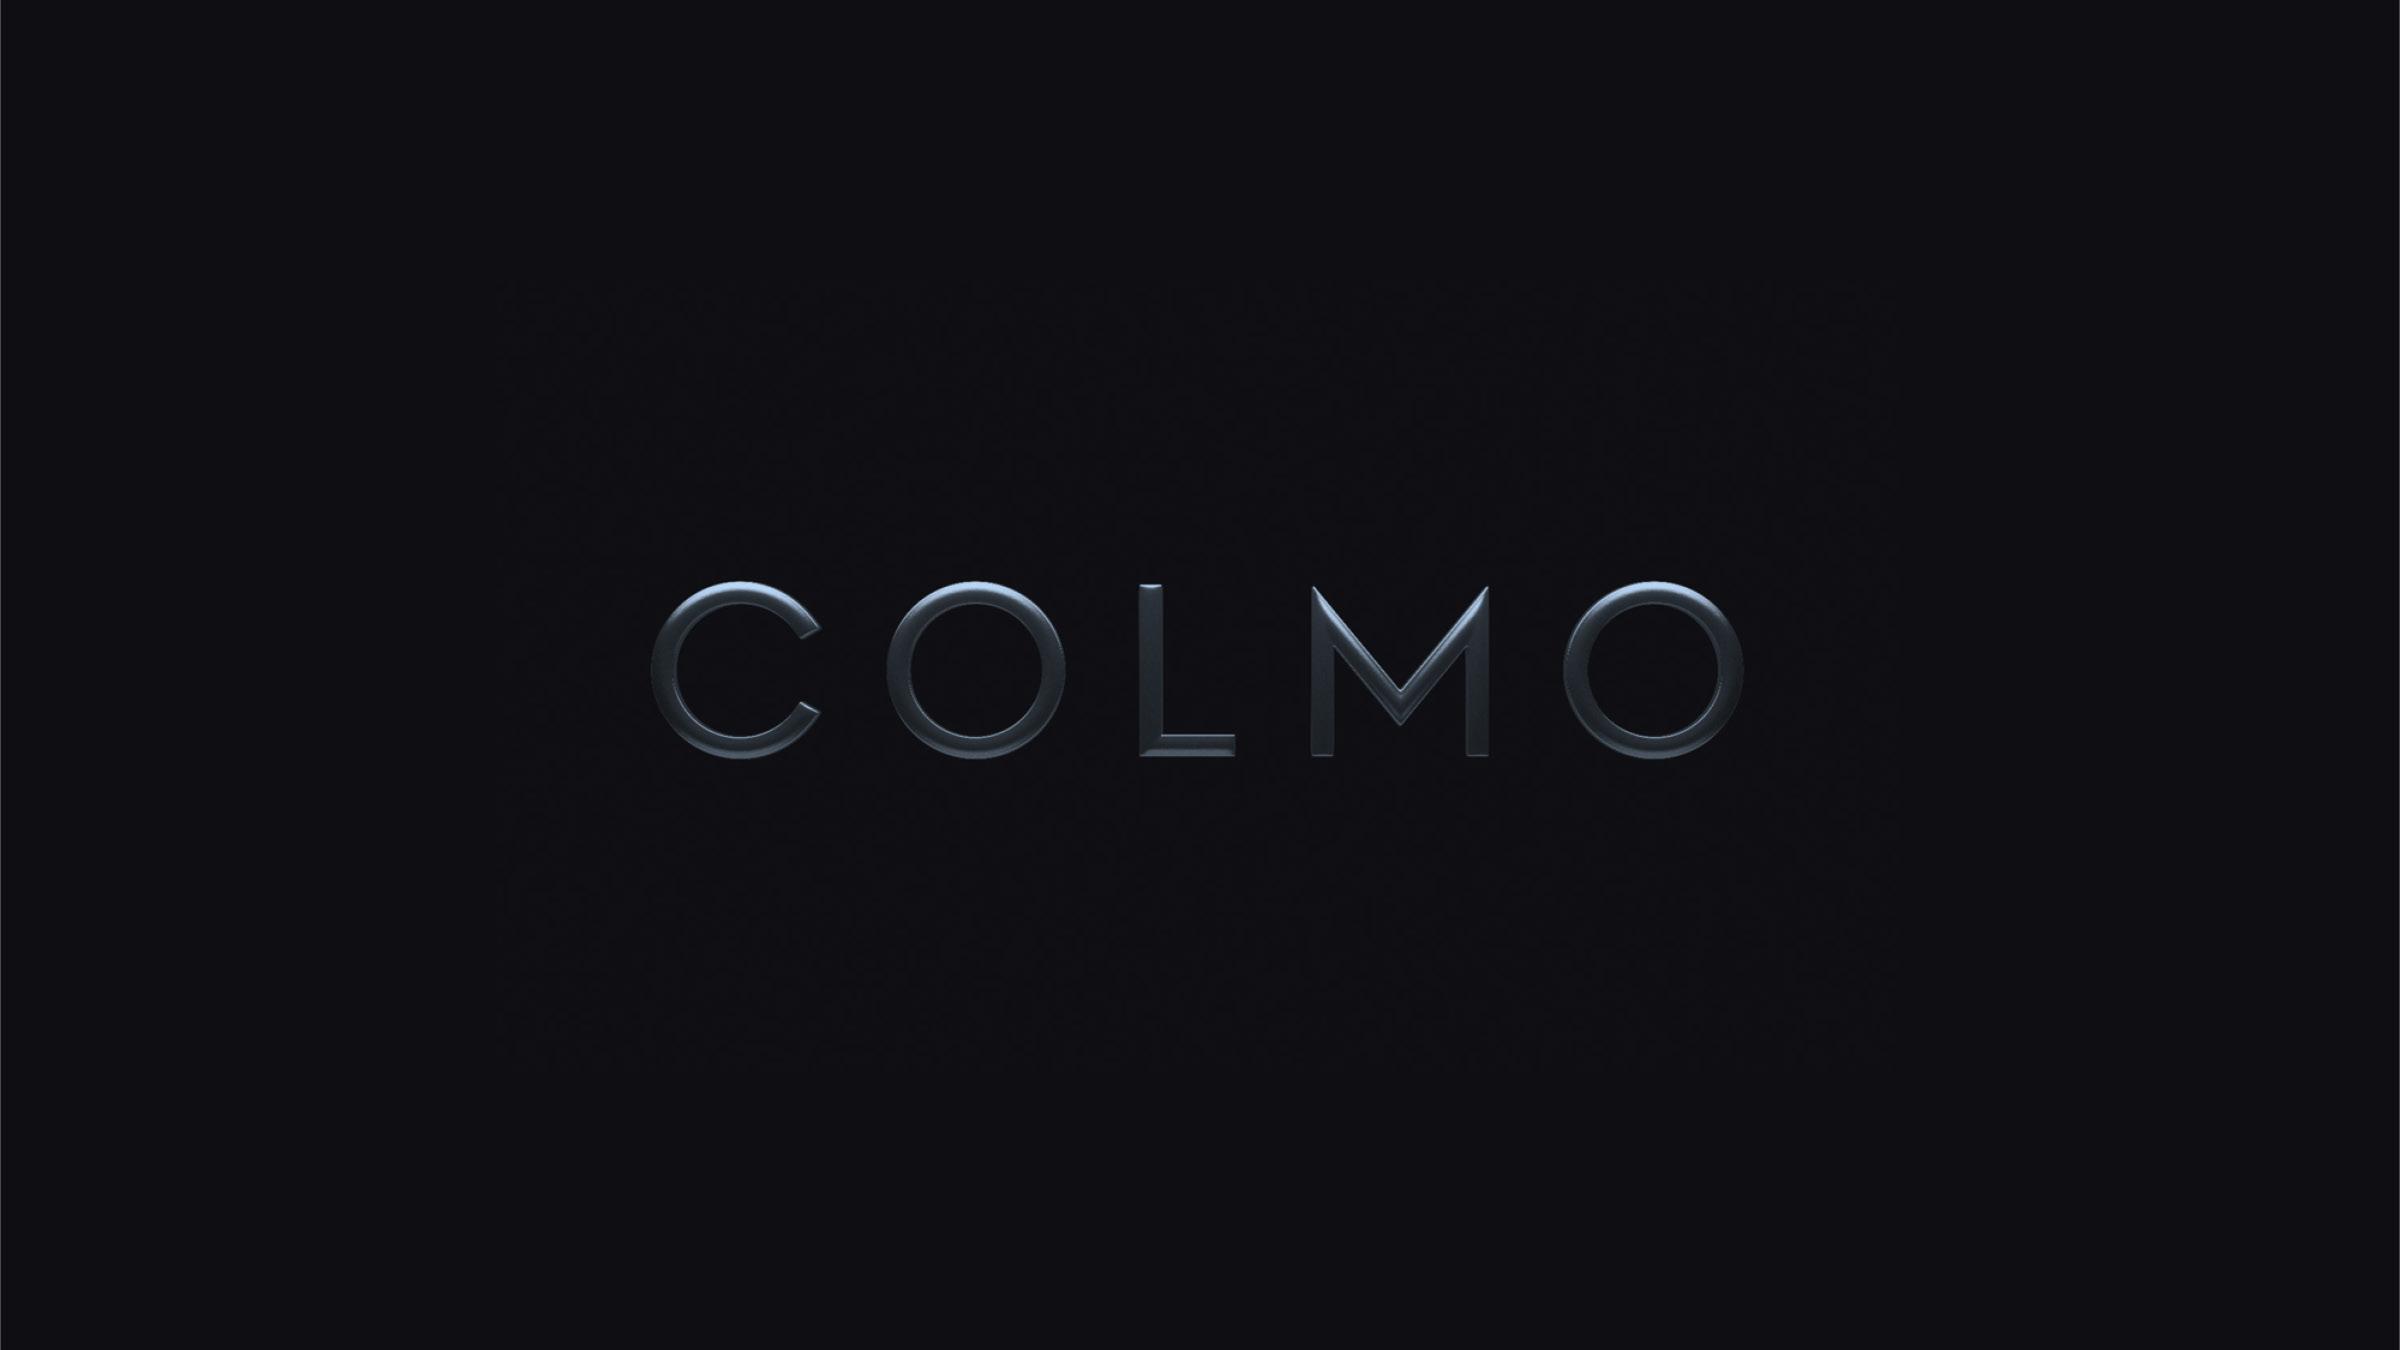 Colmo1.jpg